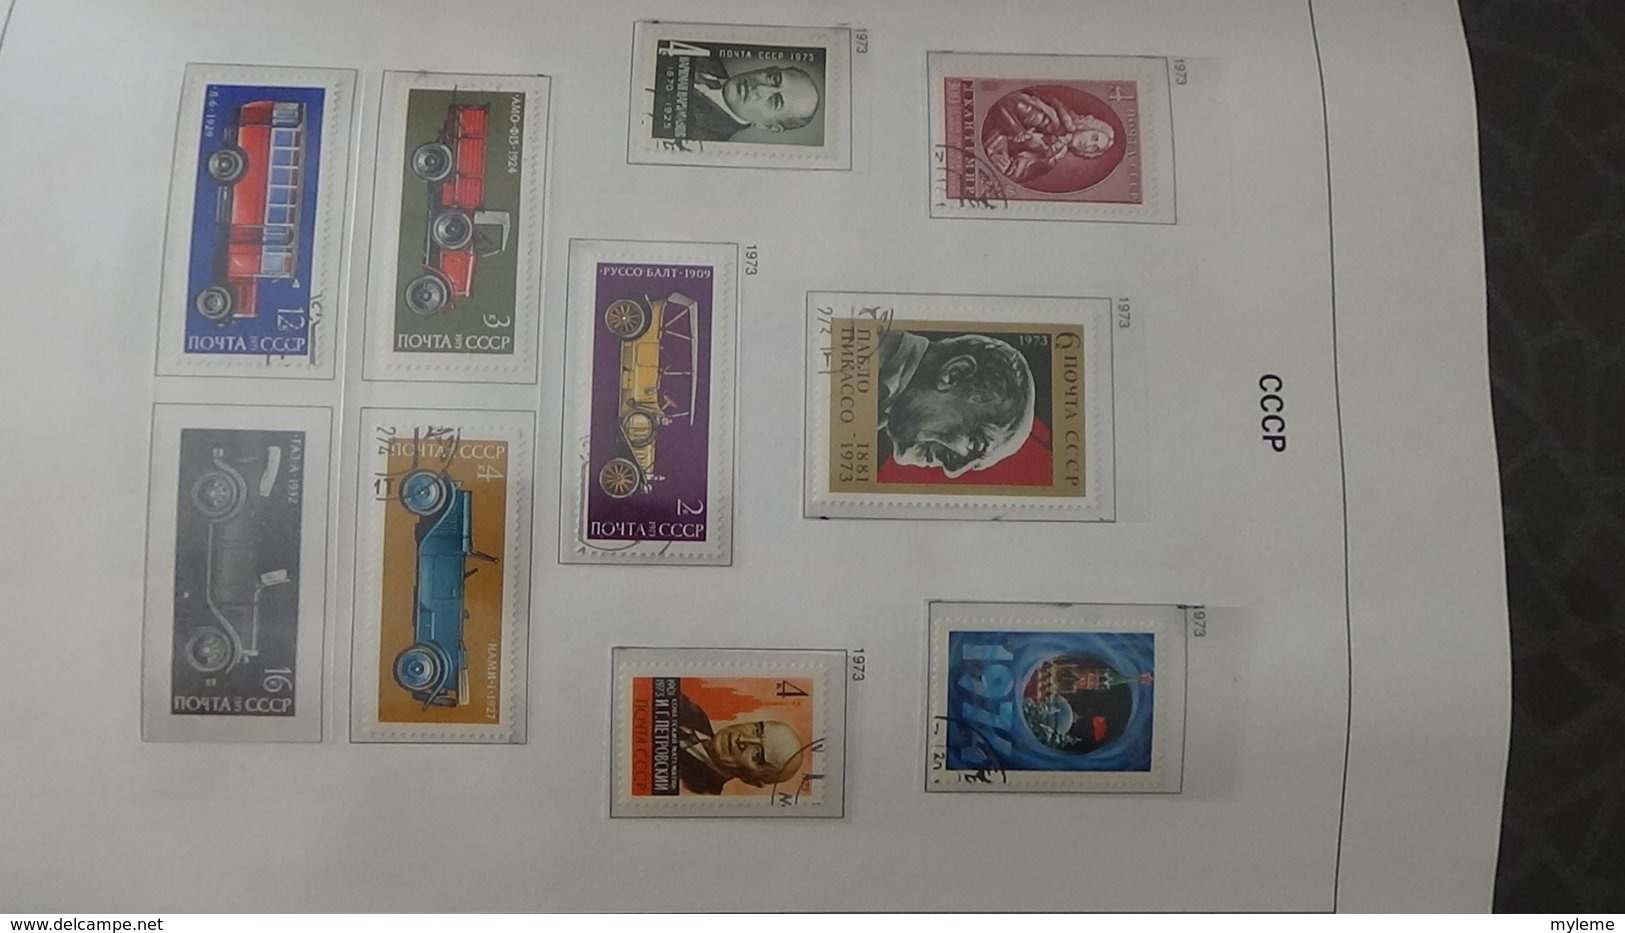 Grosse Collection De RUSSIE (CCCP) Dont Blocs Bien Suivie Toutes Les Photos N'ont Pas été Prises - Timbres